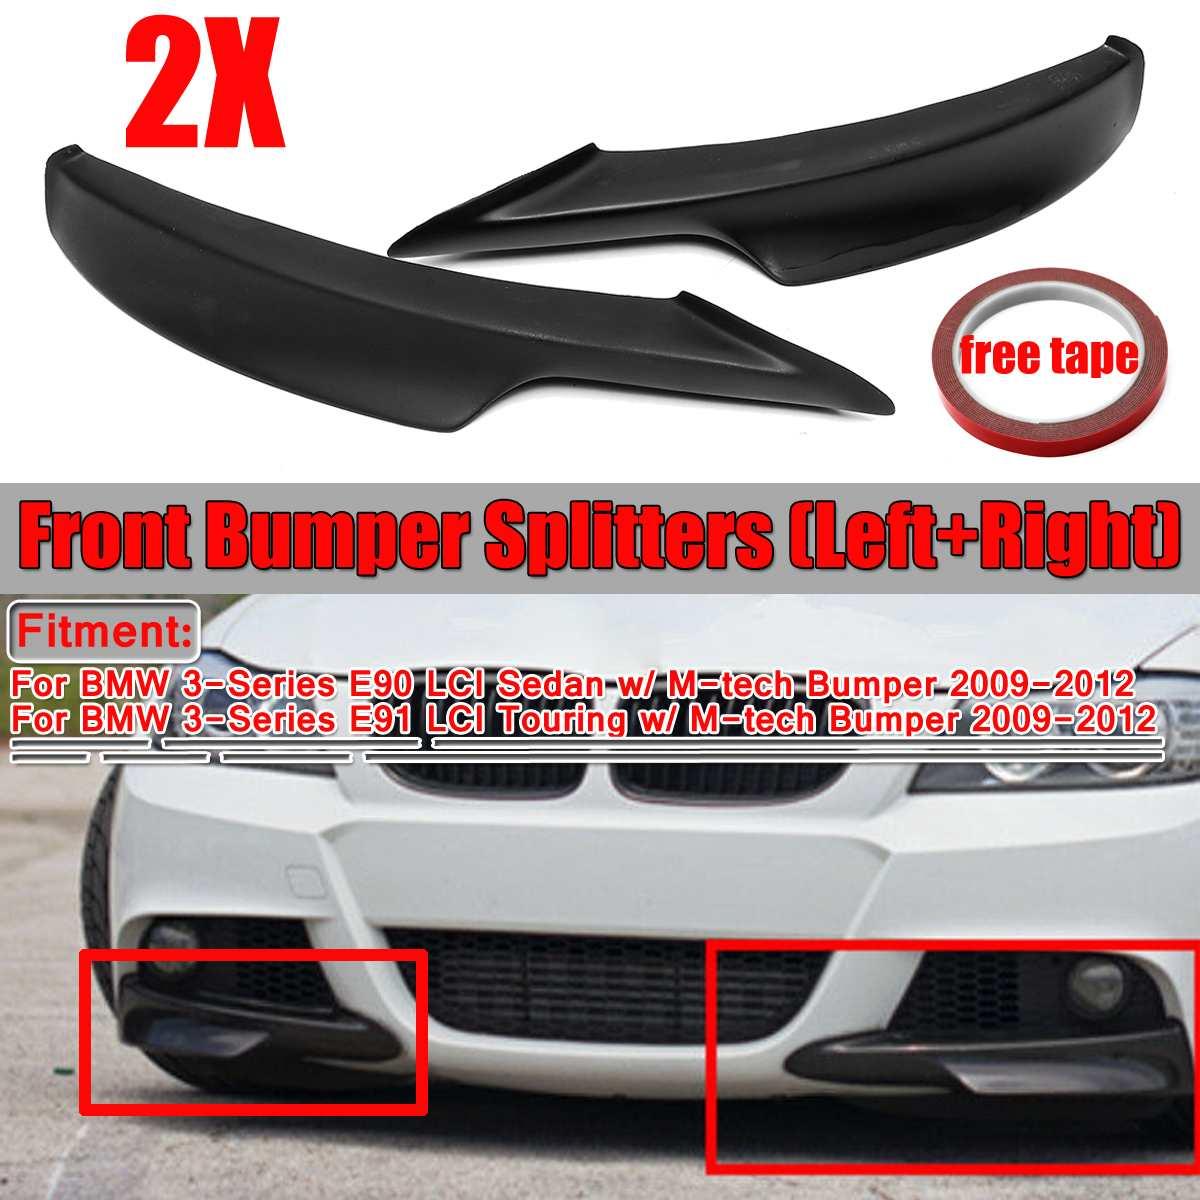 1x E90 voiture pare-chocs avant lèvre aileron Air couteau Auto corps pour BMW E90 335i 328i 2009-2012 LCI w/M Tech pare-chocs diffuseur séparateur lèvre